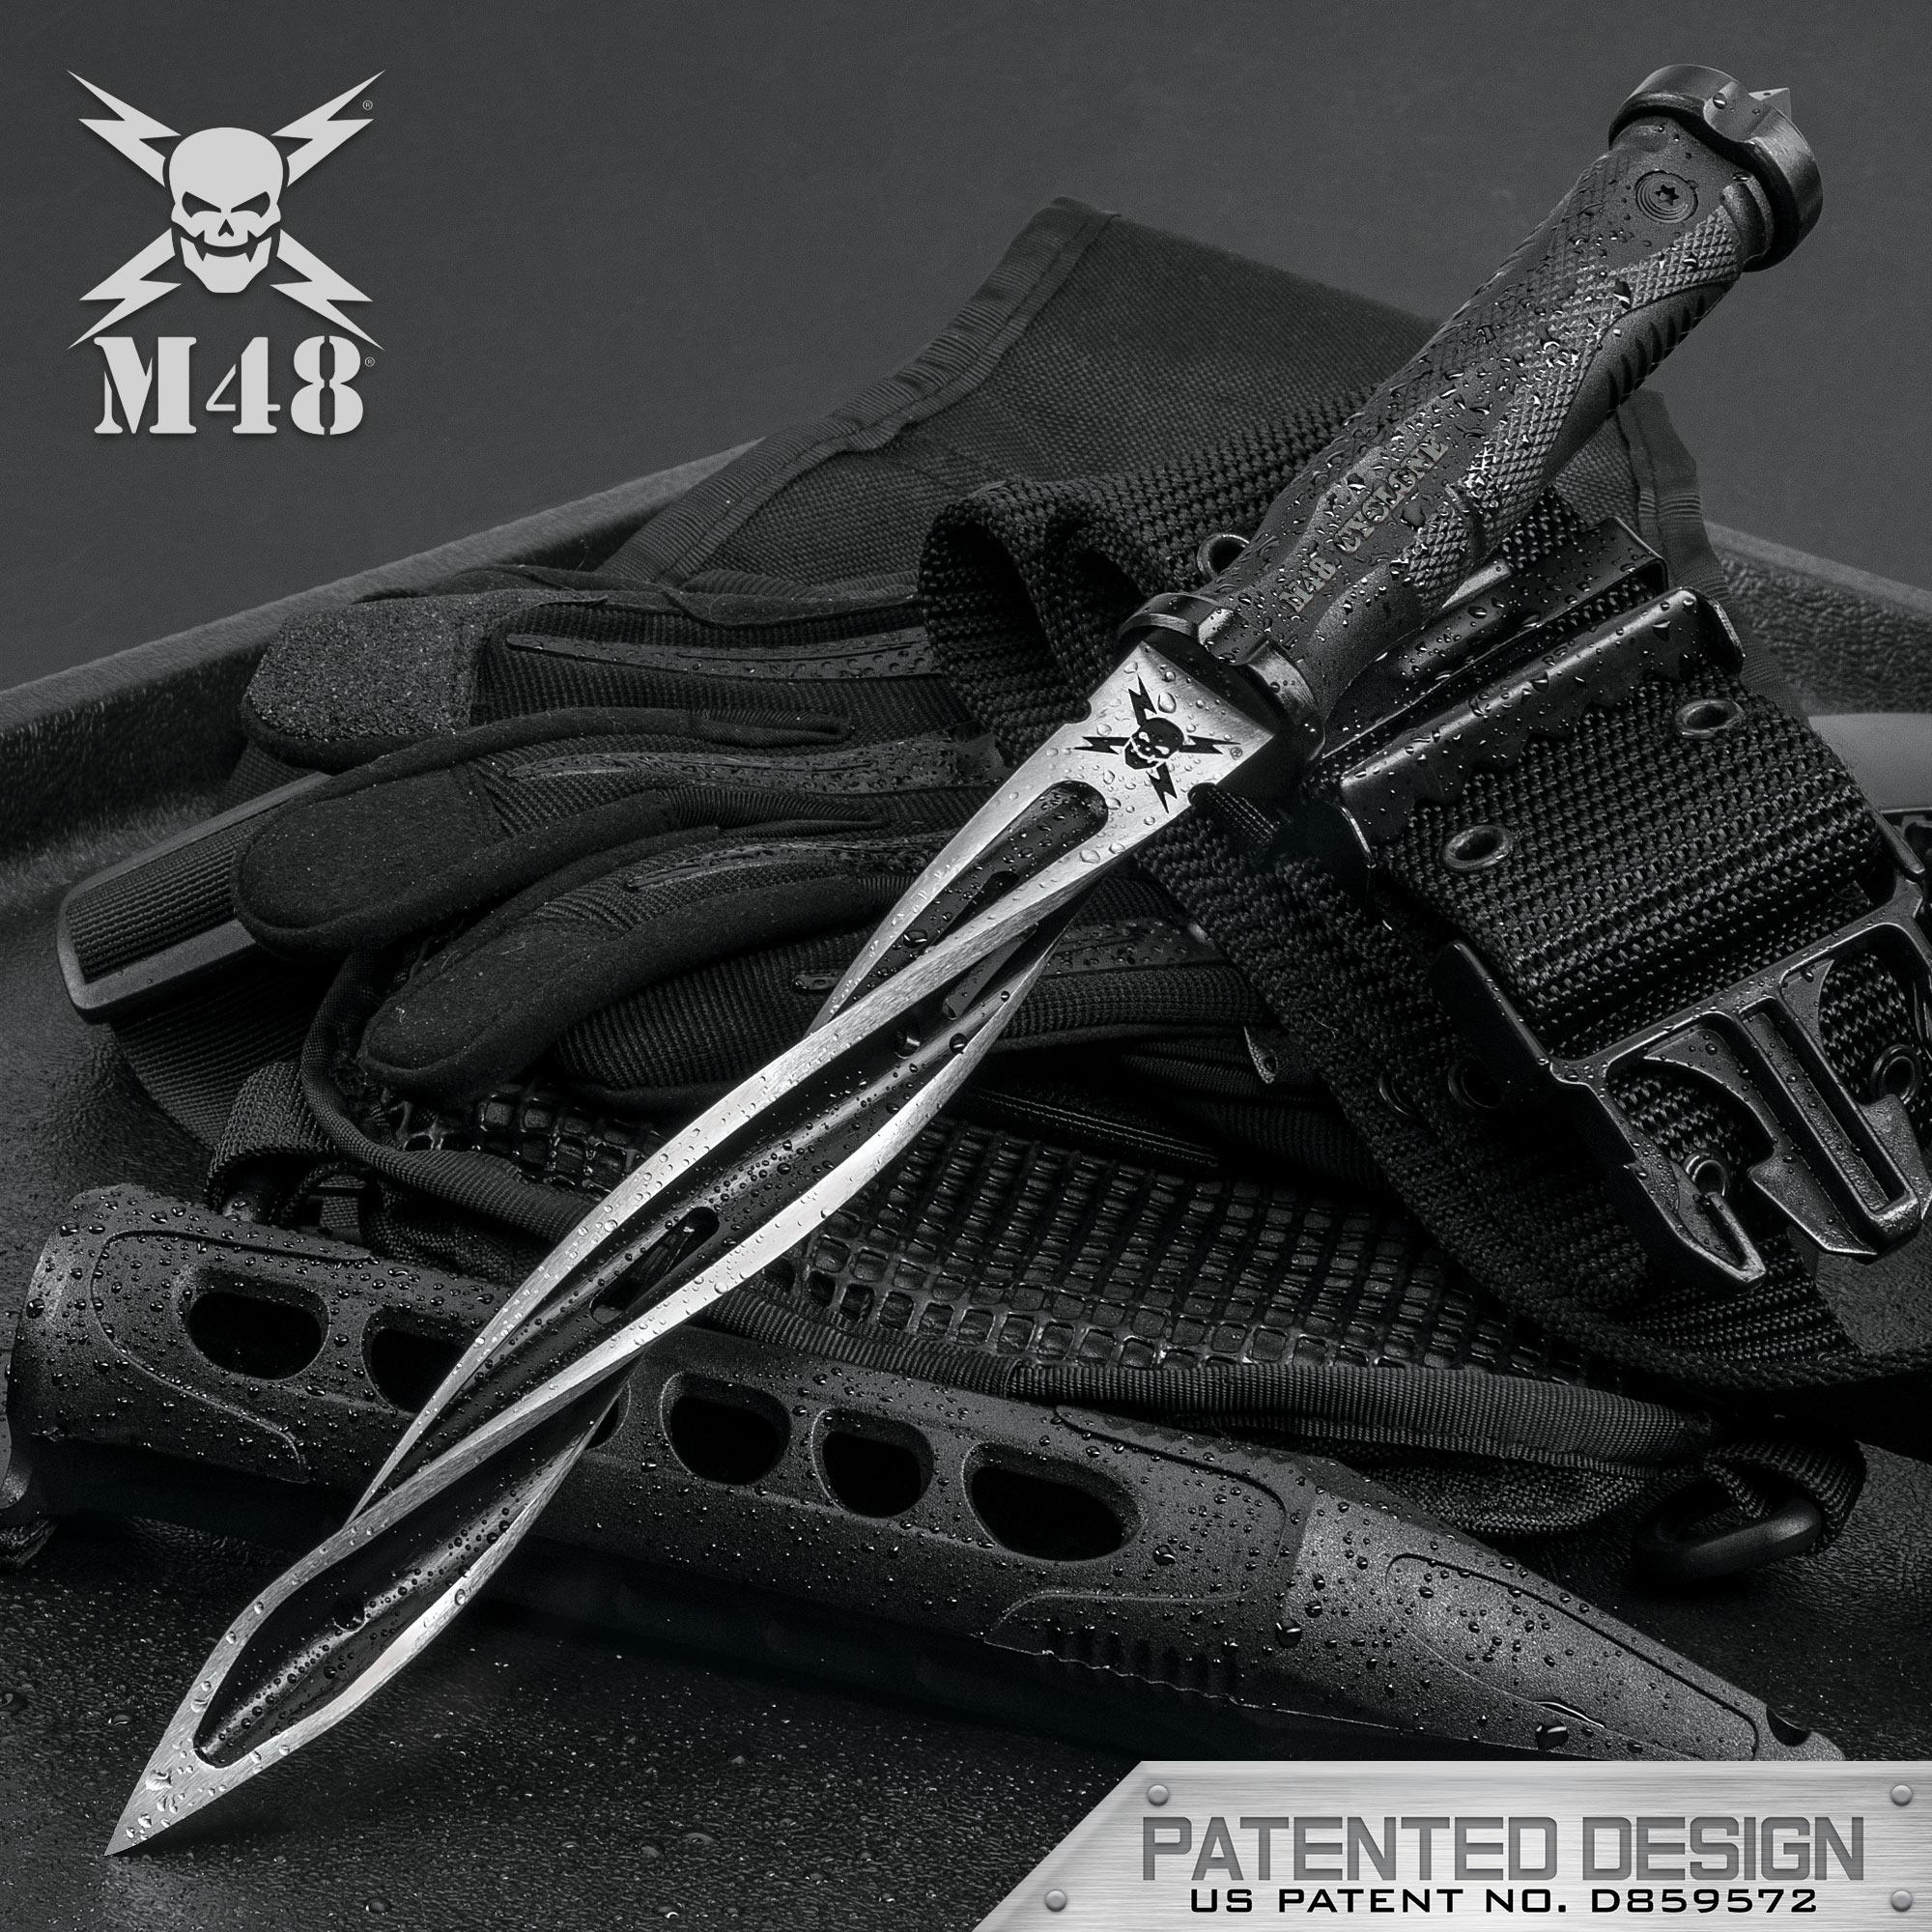 Intimidating looking knives